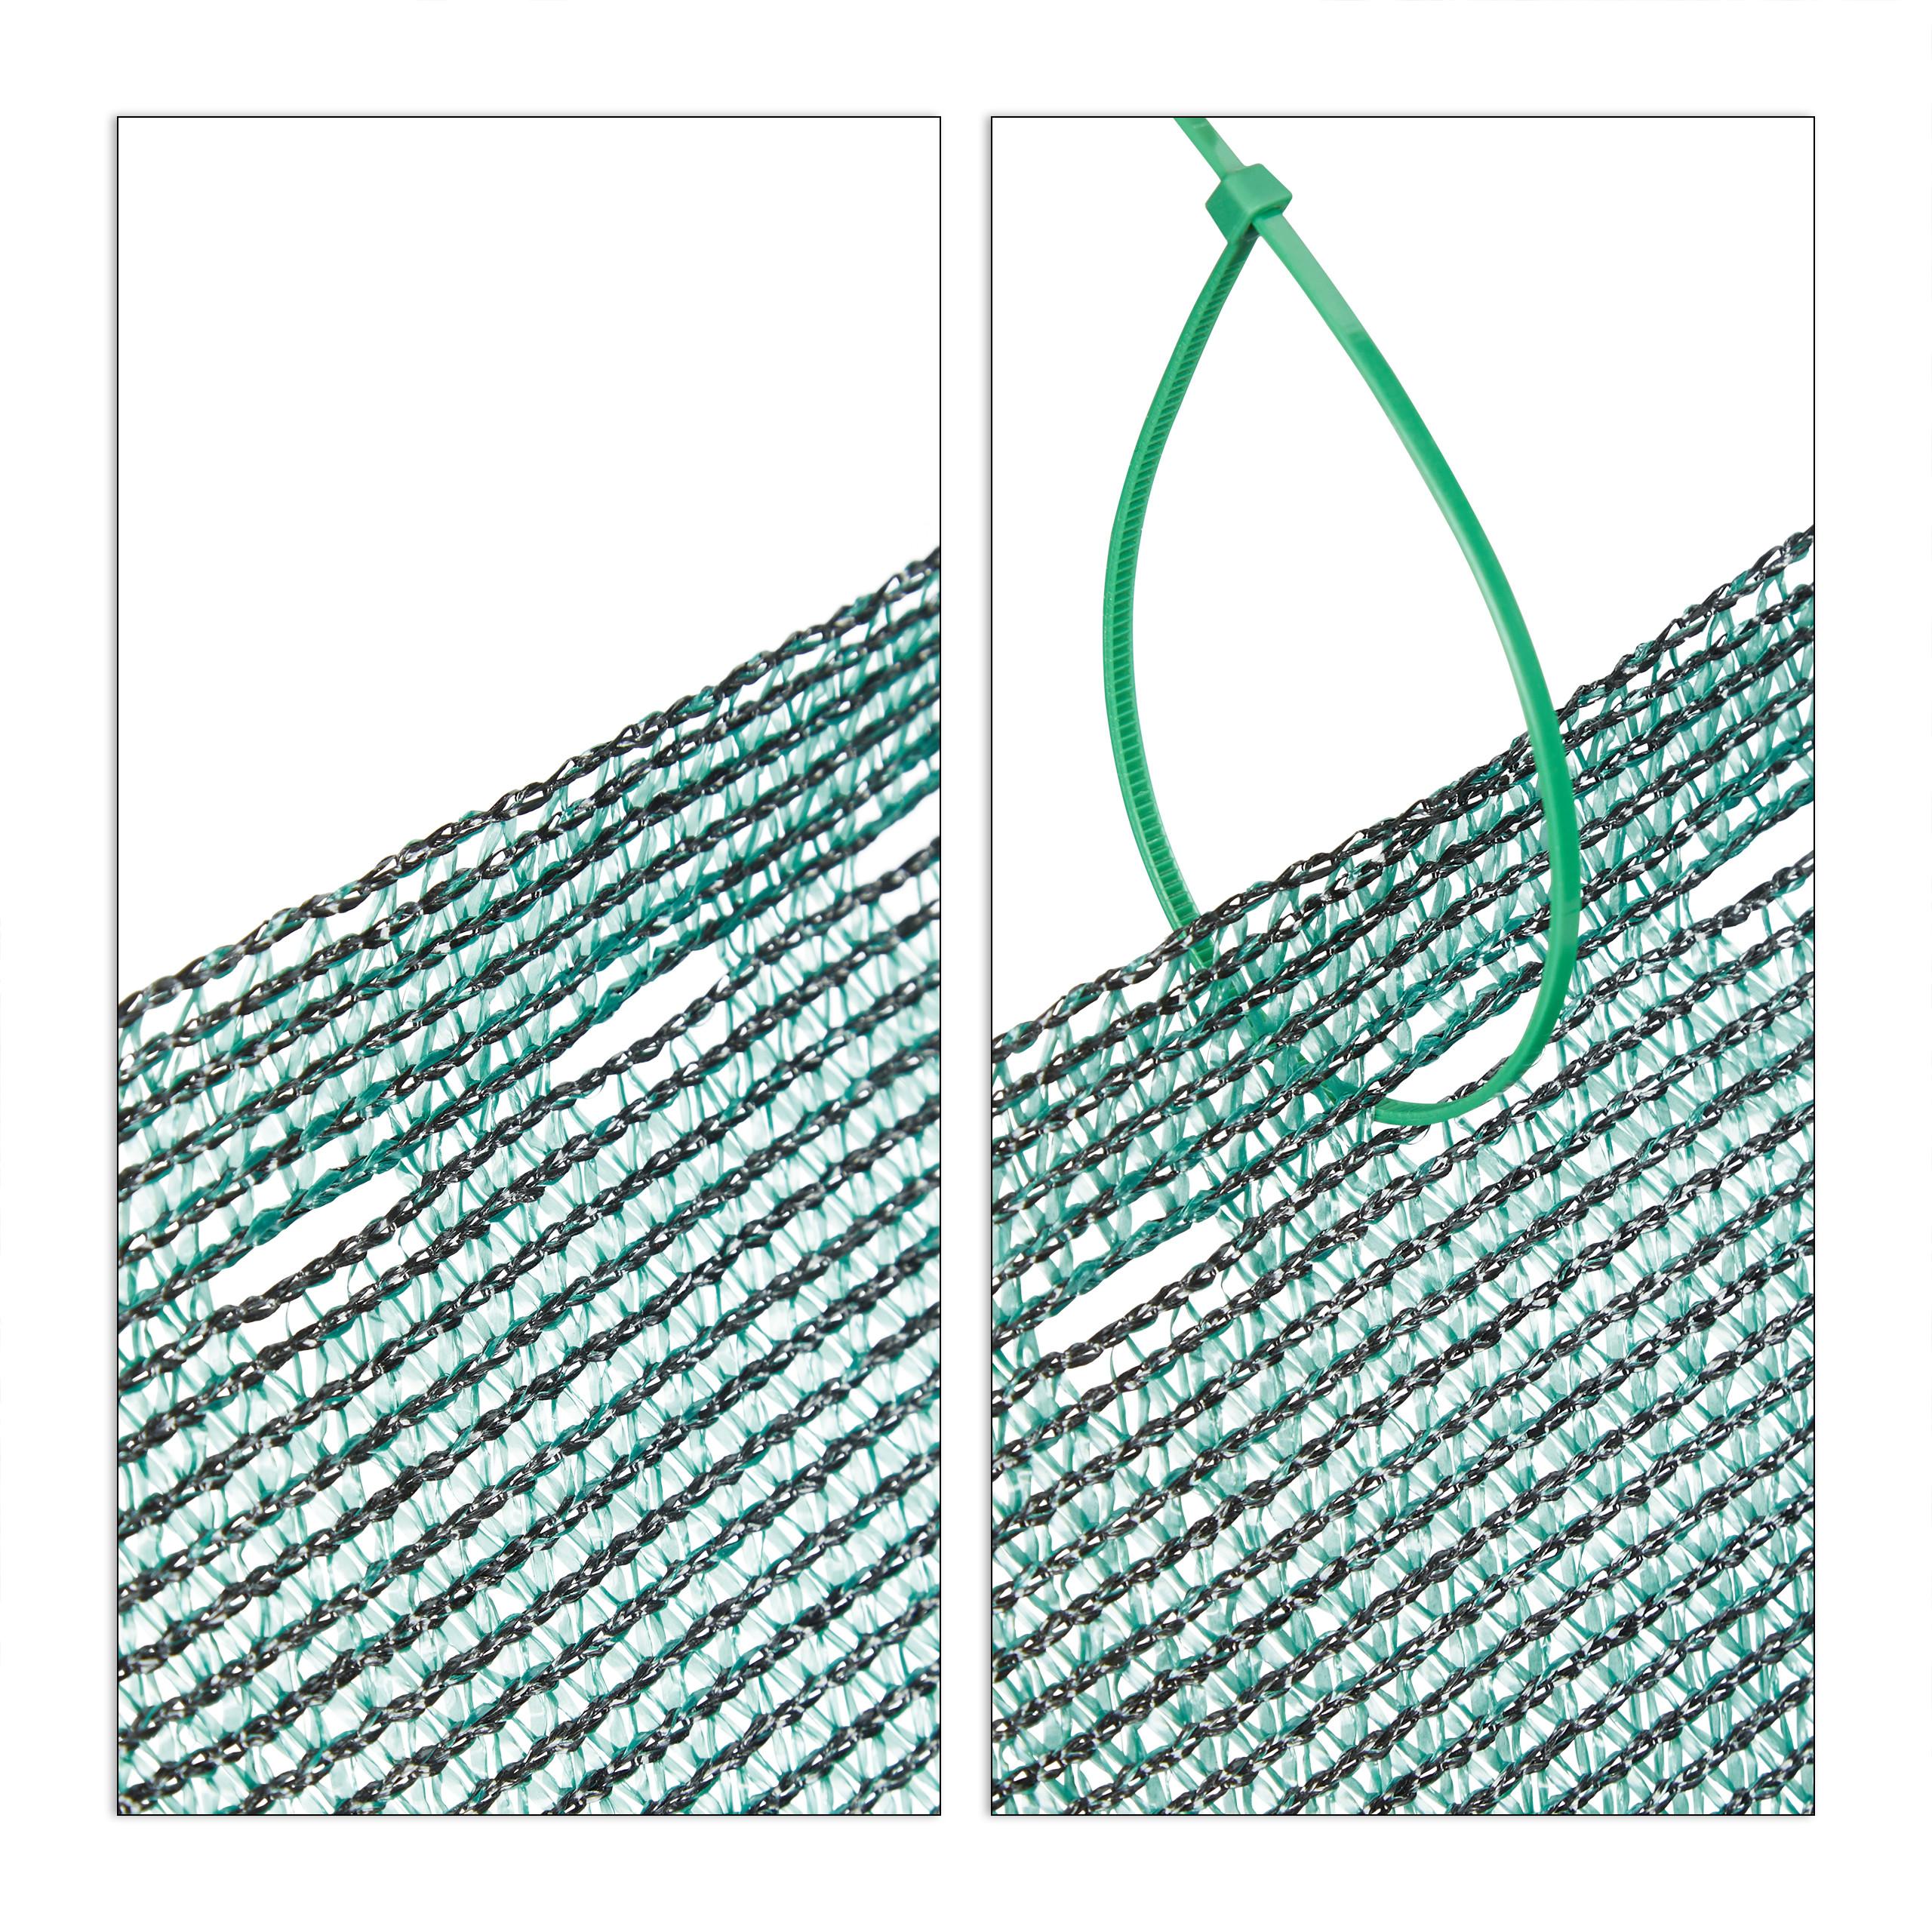 Indexbild 16 - Zaunblende grün 1m hoch, Sichtschutz Gartenzaun, Zaunsichtschutz, HDPE 150g/m²